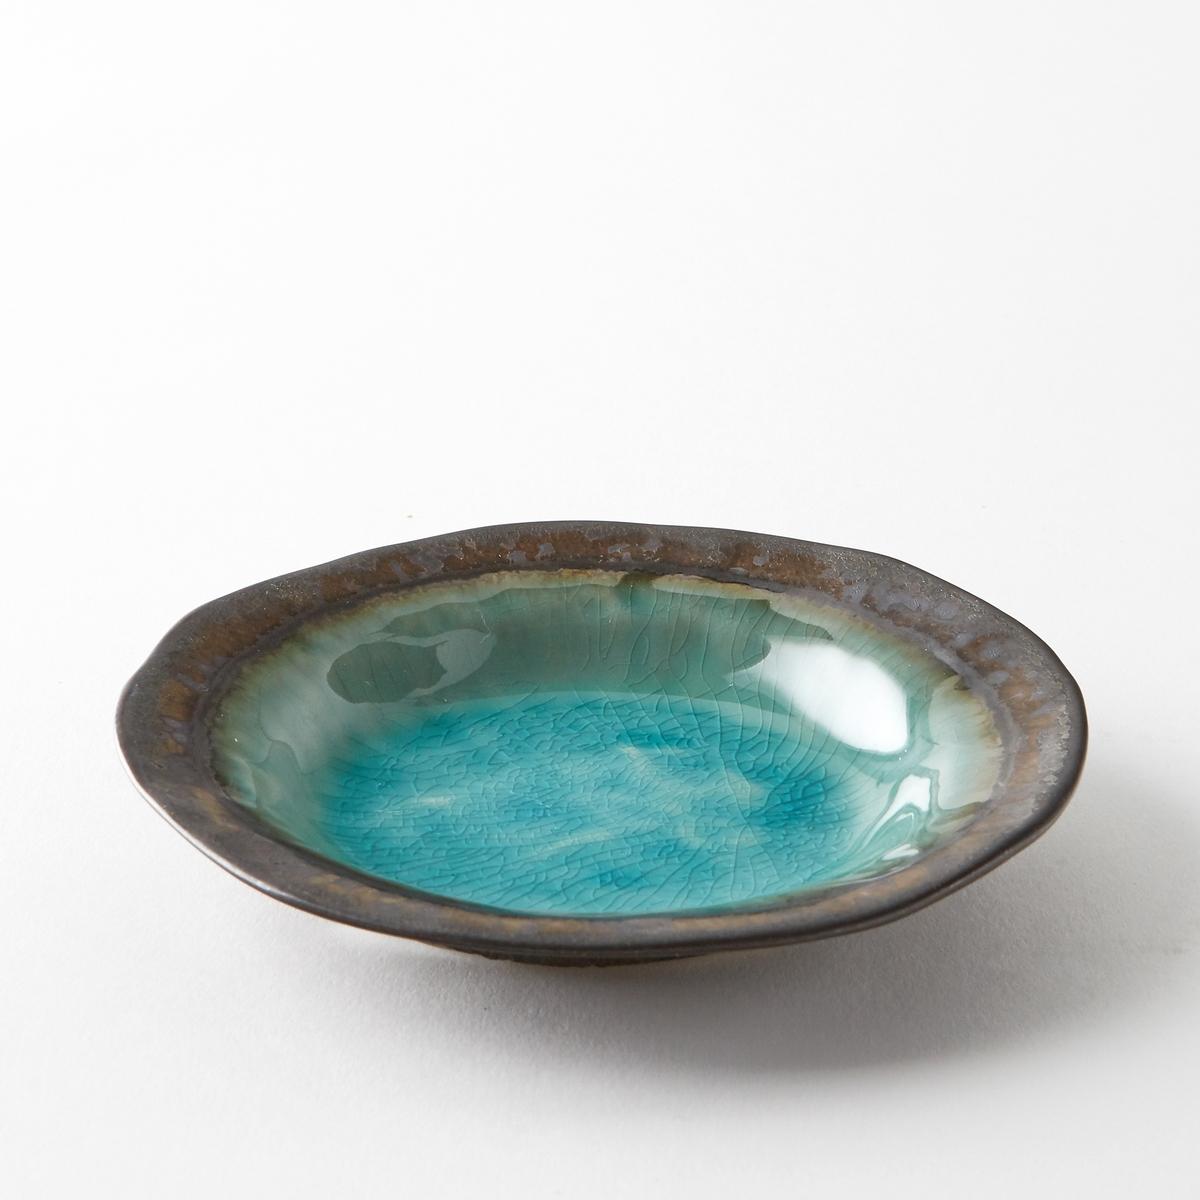 Чаша Altadill из эмалированной керамикиЧаша Altadill. Керамическое блюдо с бирюзовой эмалью и металлизированной отделкой под бронзу. Ручная работа, каждое блюдо уникально. Размеры : ?15 x В2,5 см.Мыть в посудомоечной машине запрещено. .<br><br>Цвет: голубой бирюзовый